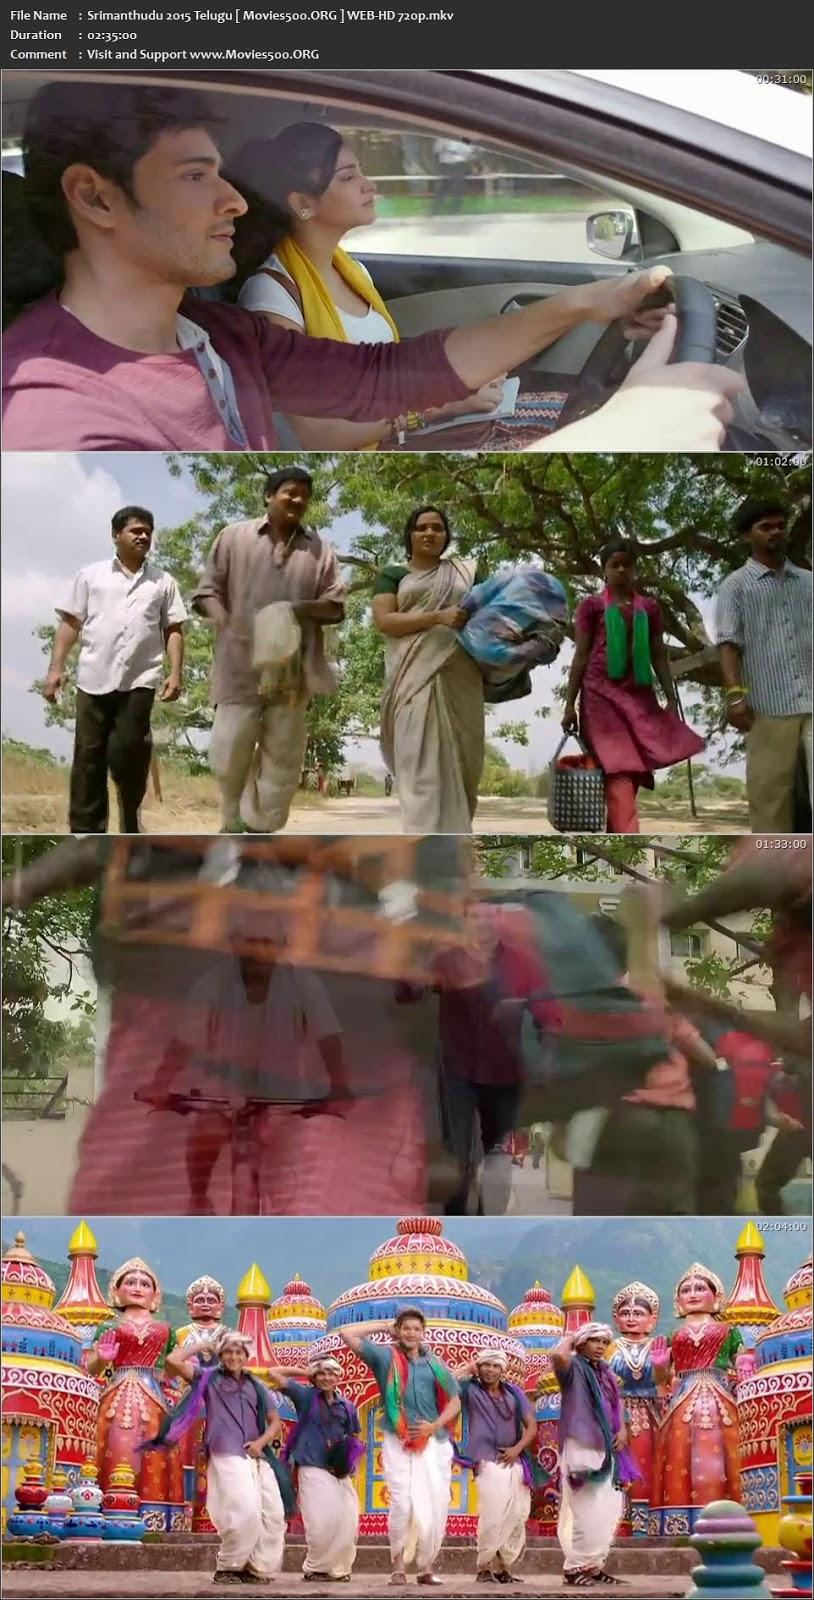 Srimanthudu 2015 Telugu Full Movie WEB HD 720p at xcharge.net